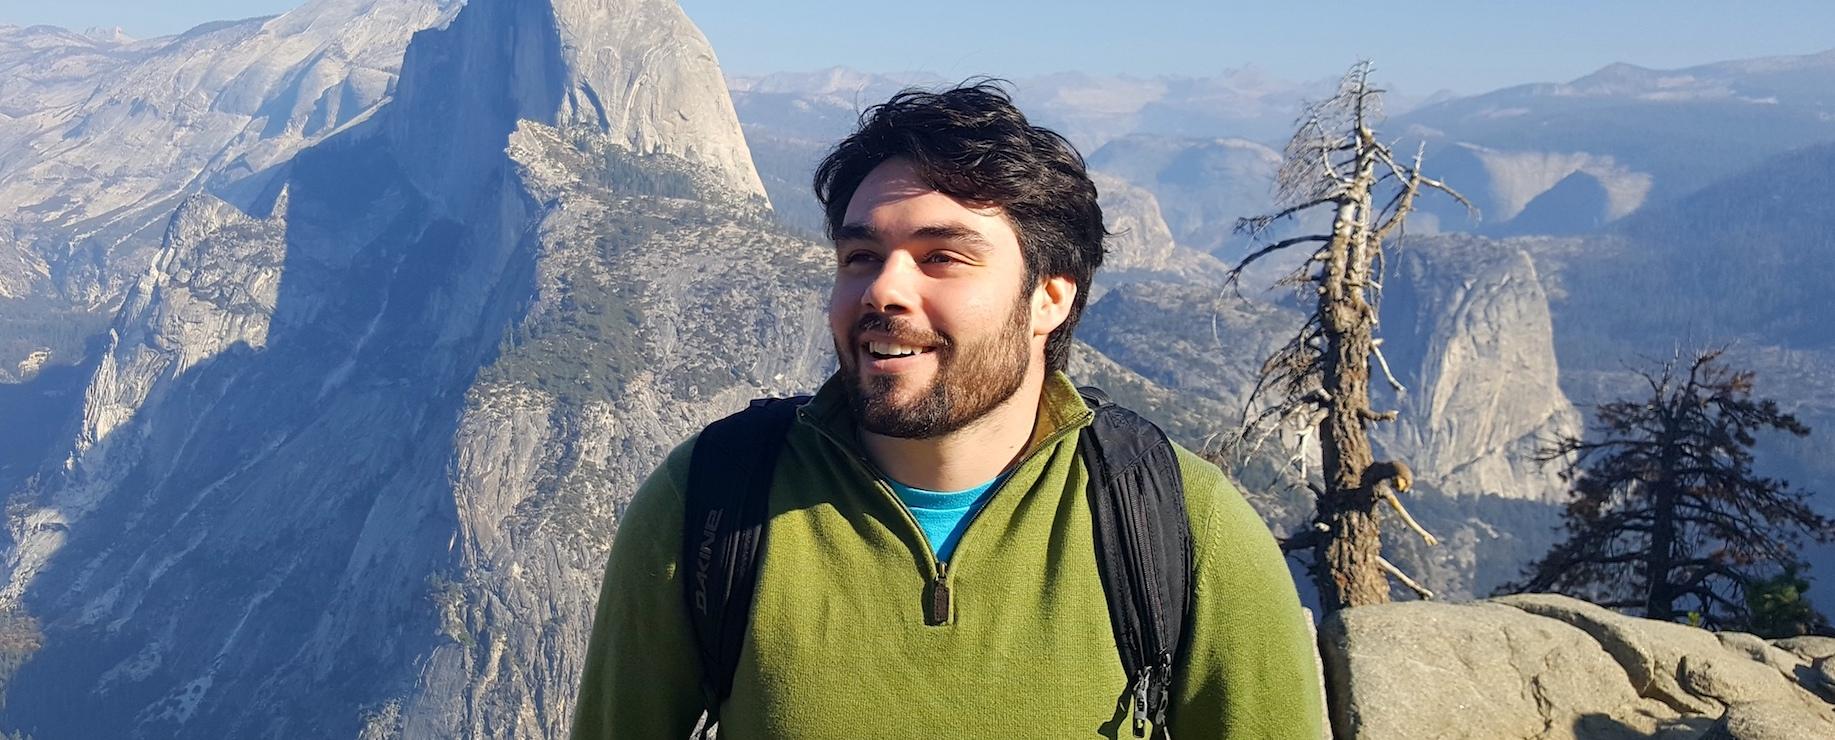 Silas Mullin on mountain top